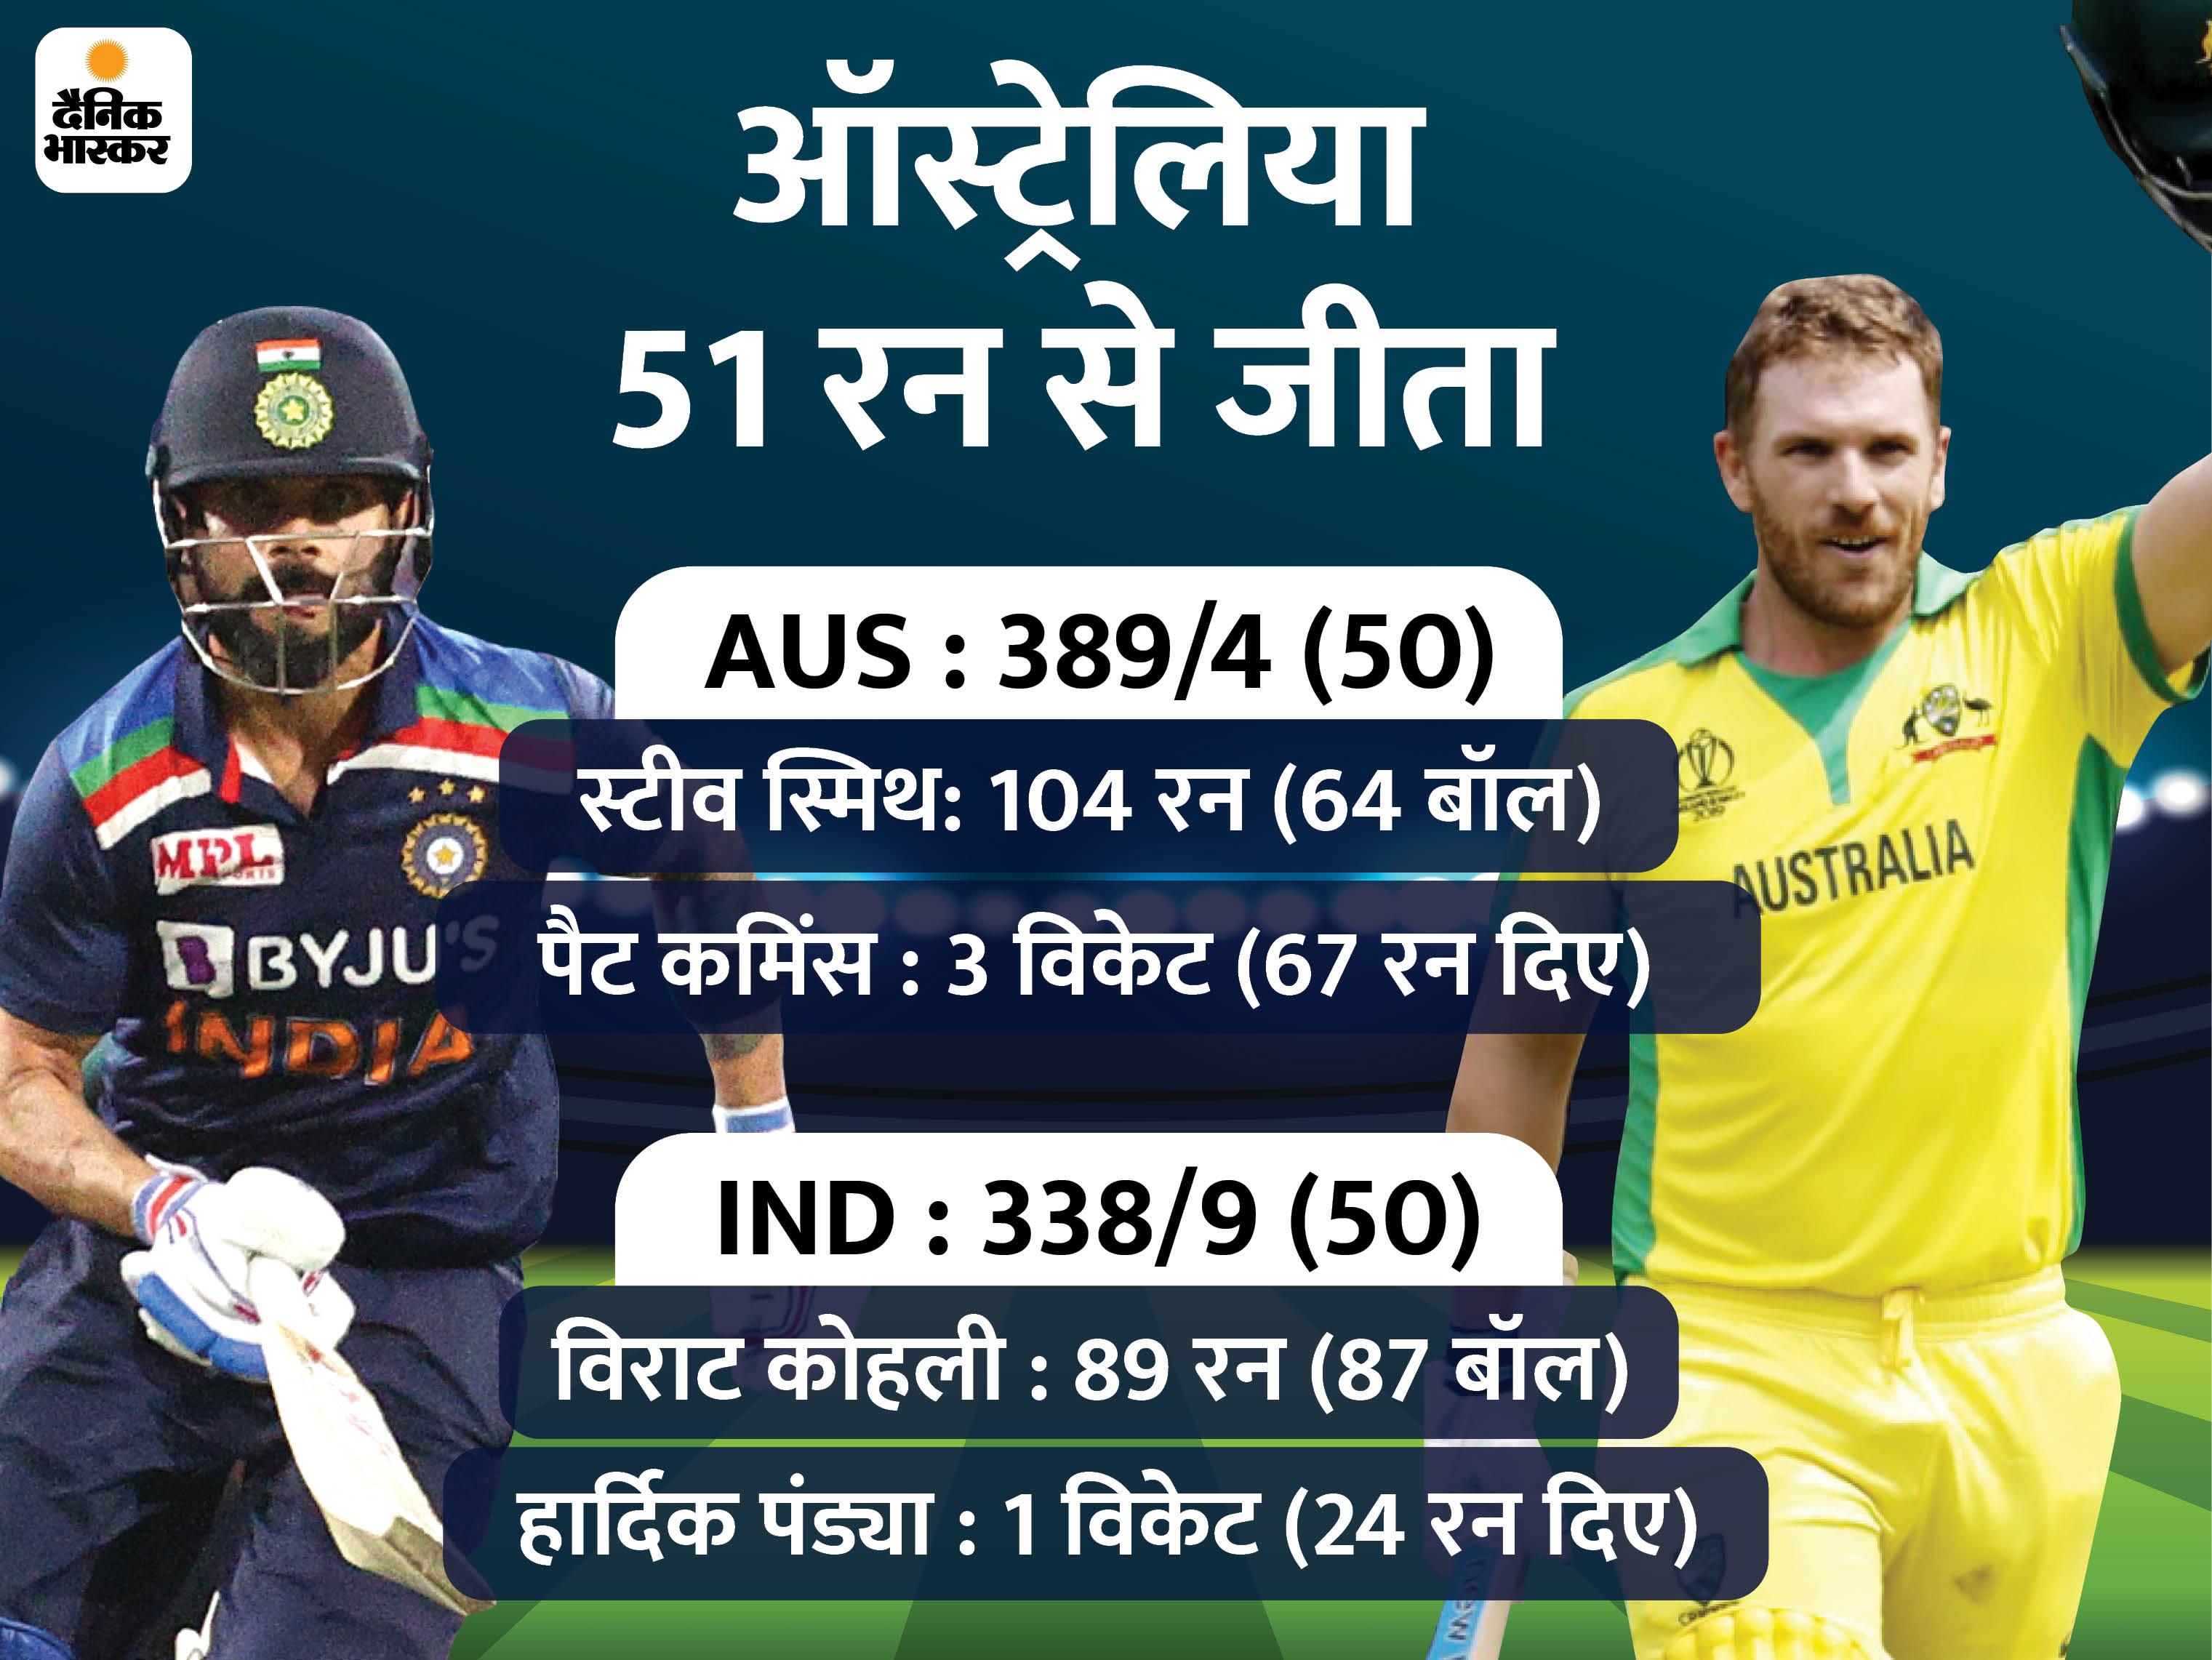 7 गेंदबाजों का इस्तेमाल किया, फिर भी ऑस्ट्रेलिया ने इंडिया के खिलाफ सबसे बड़ा स्कोर बनाया क्रिकेट,Cricket - Dainik Bhaskar